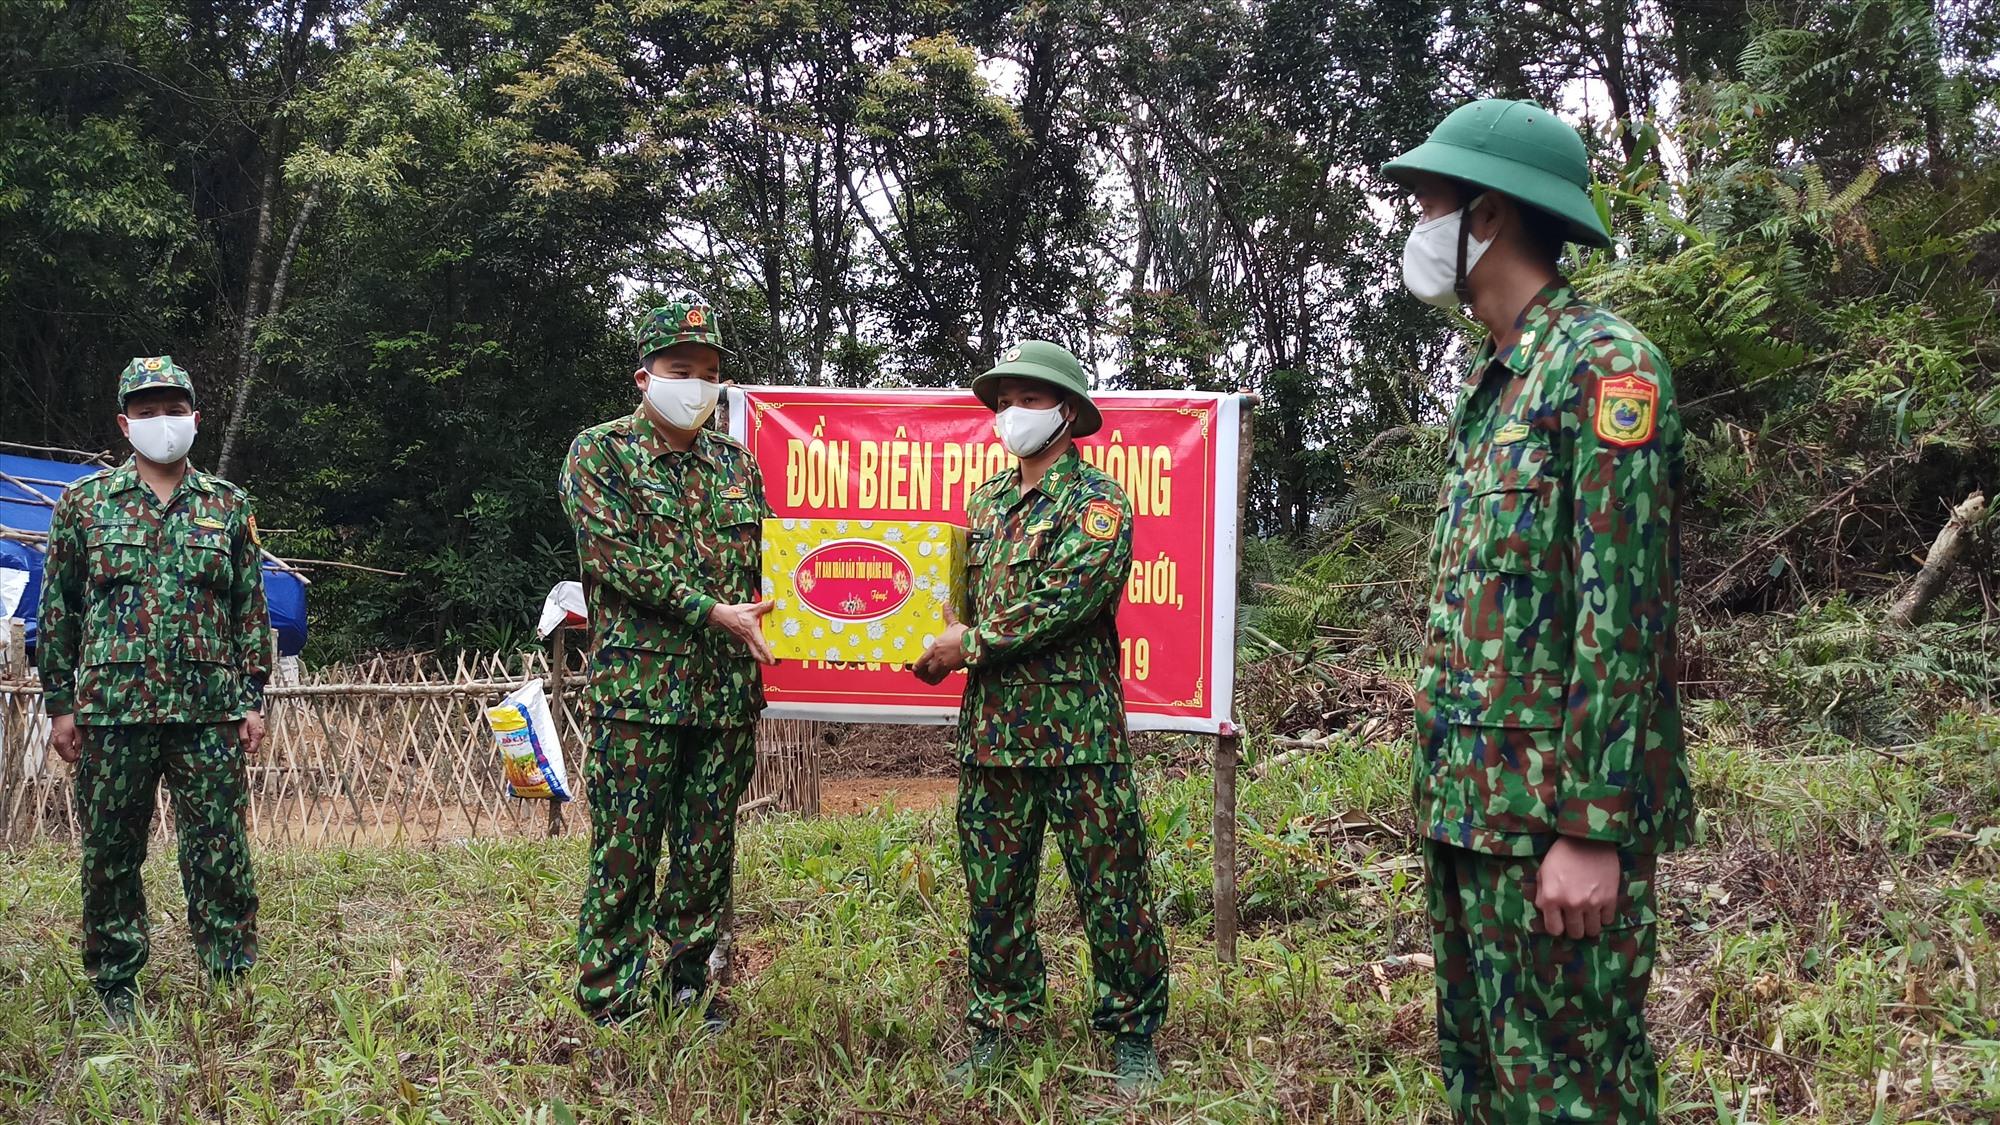 Phó Chủ tịch UBND tỉnh Trần Văn Tân trao quà cho các chiến sĩ biên phòng trực tiếp làm nhiệm vụ tại chốt kiểm soát biên giới. Ảnh: A.N